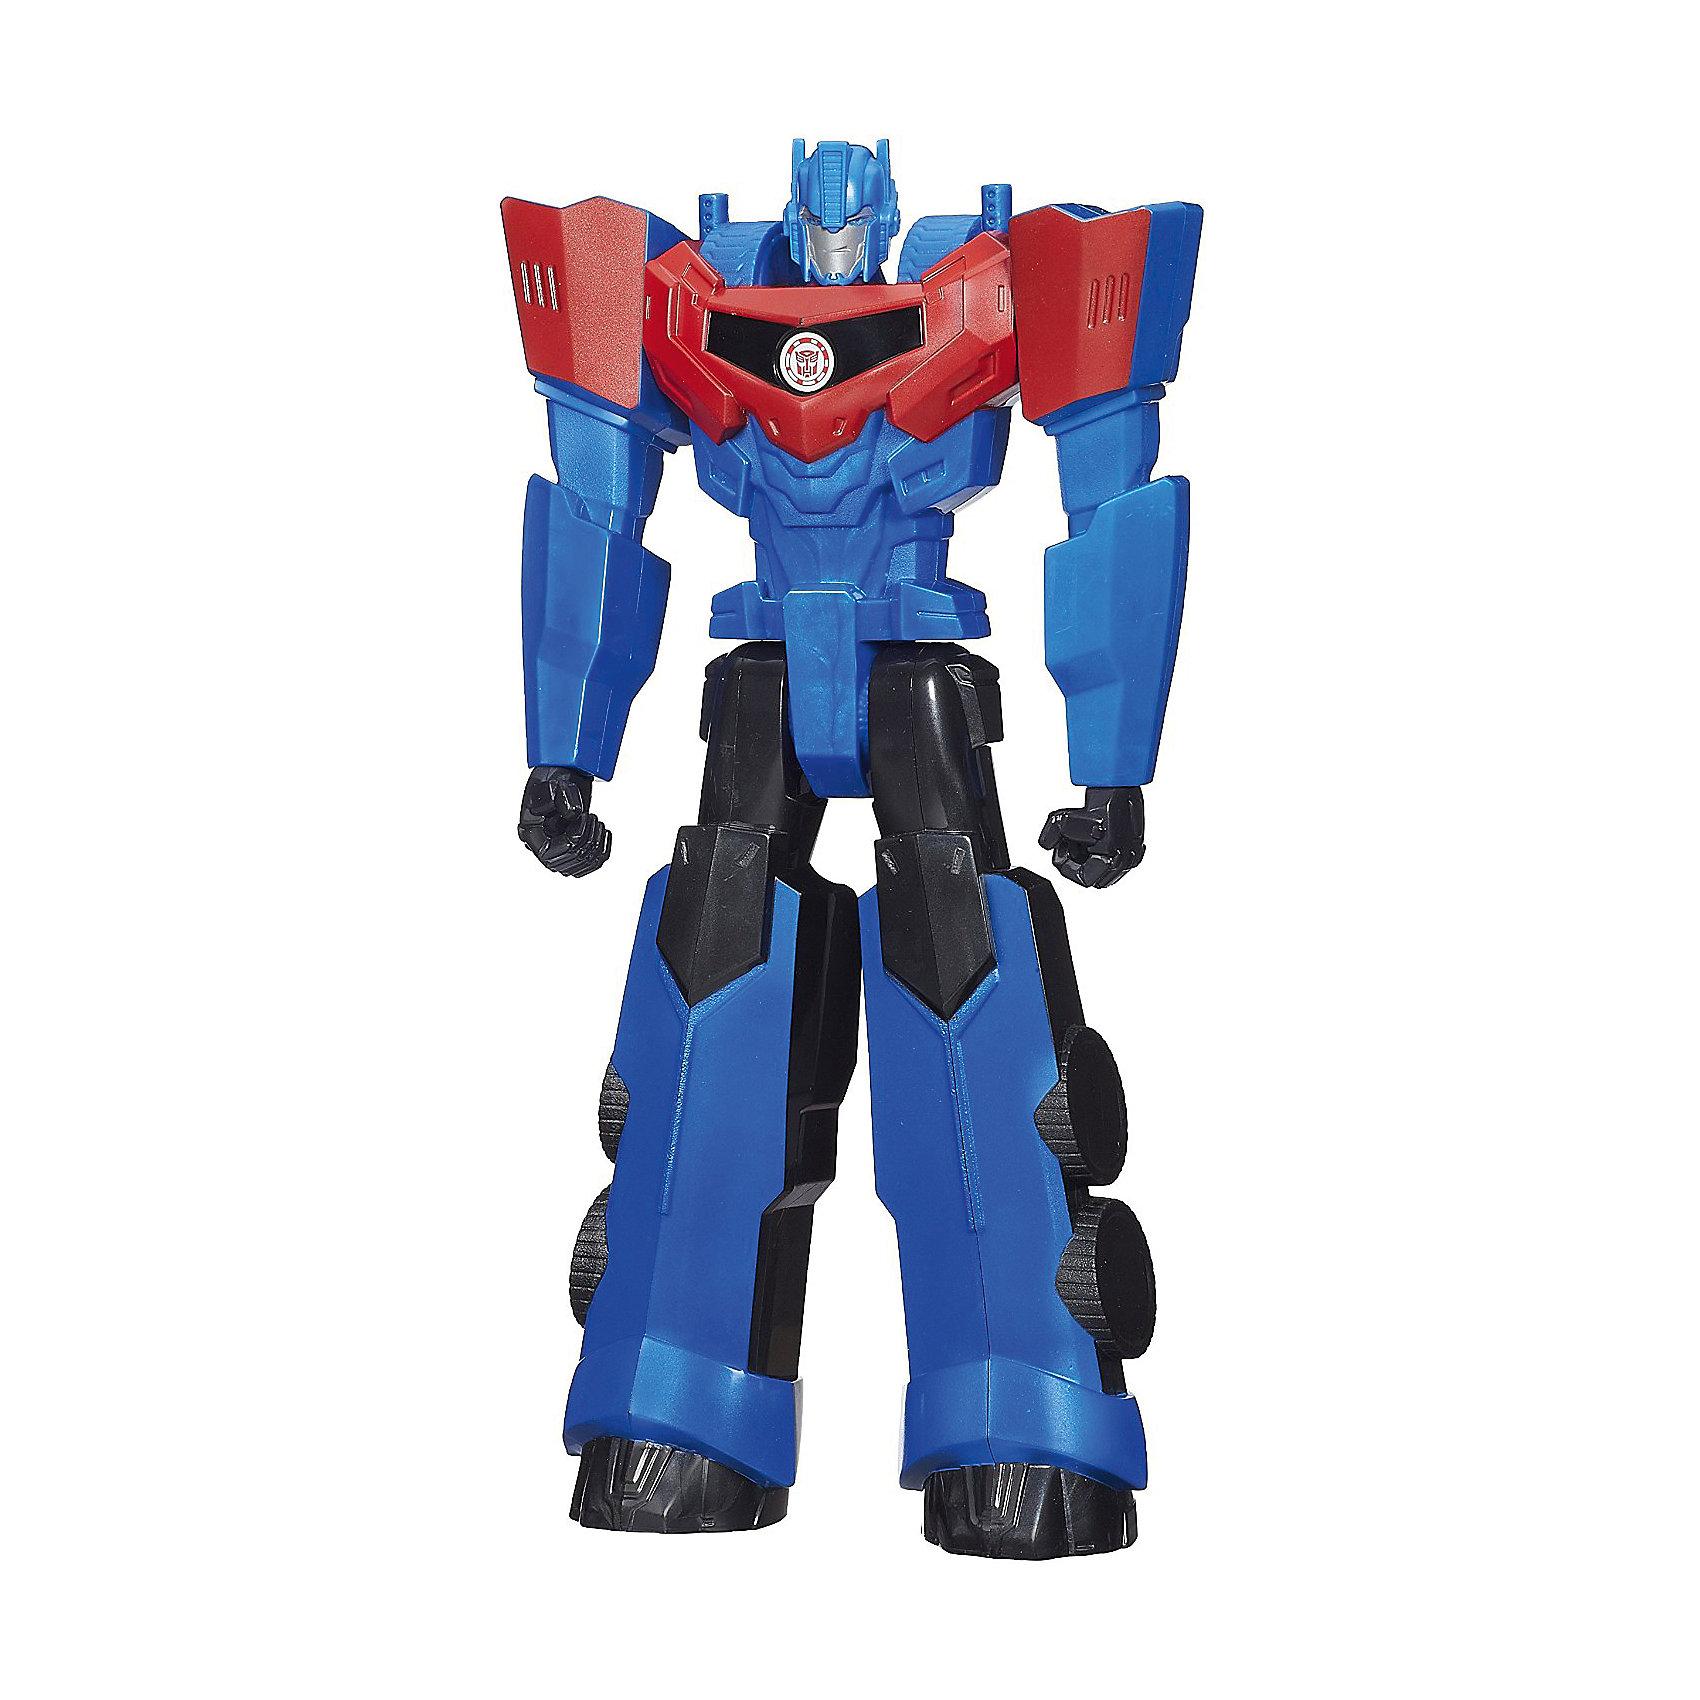 Hasbro Титан: Роботы под прикрытием, 30 см, Трансформеры, B0760/B1295 hasbro hasbro трансформеры robots in disguise autobot drift